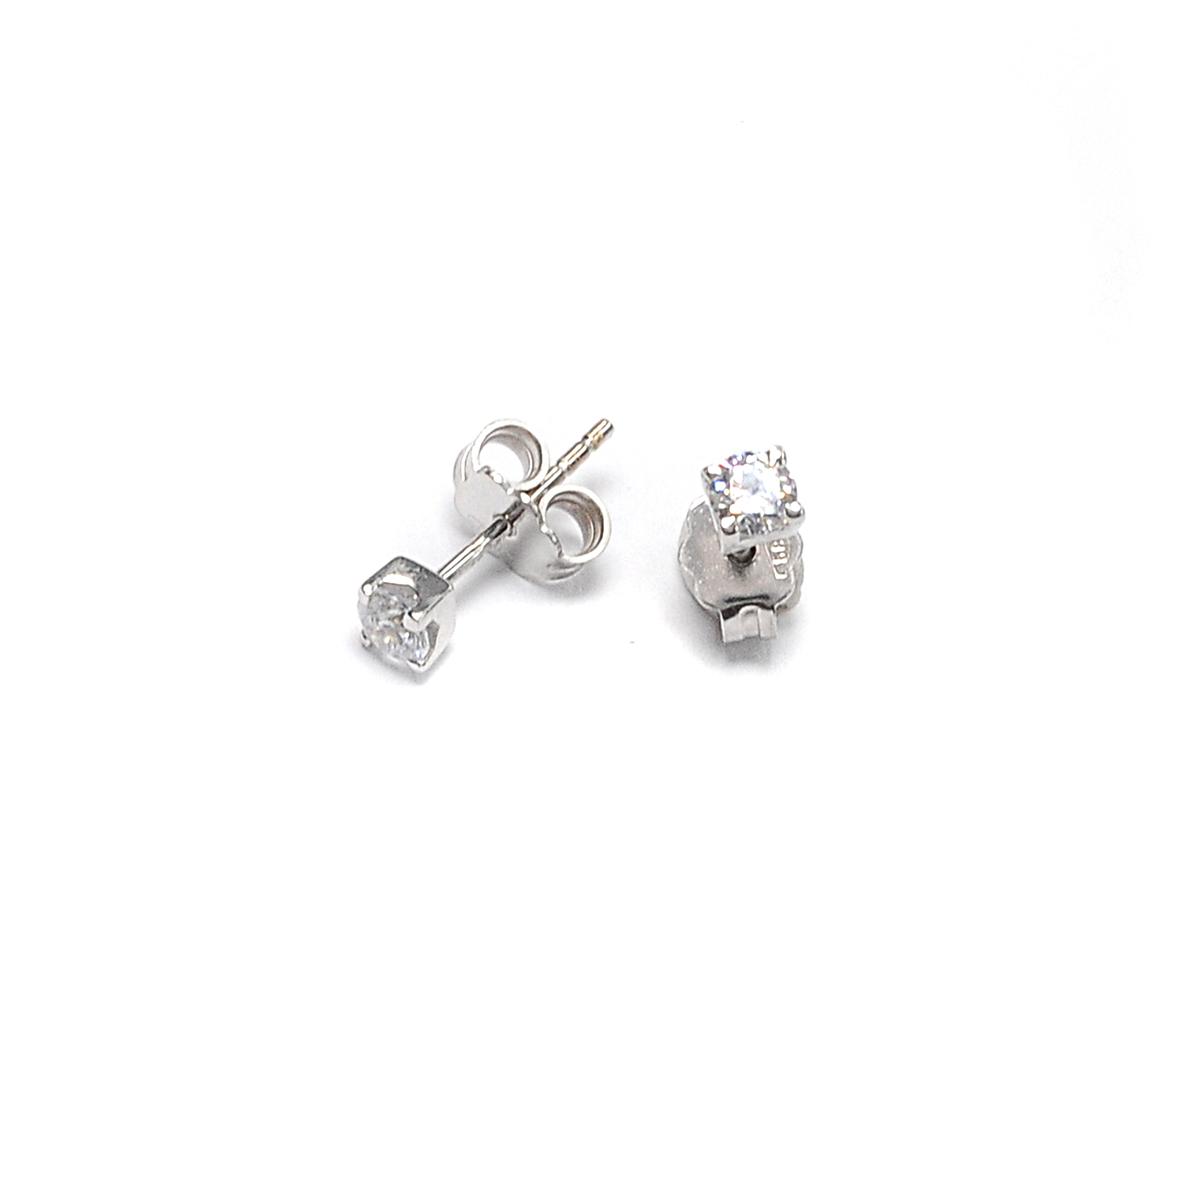 Σκουλαρίκια μονόπετρο λευκόχρυσο Κ14 -4211  f51f0be2dbe